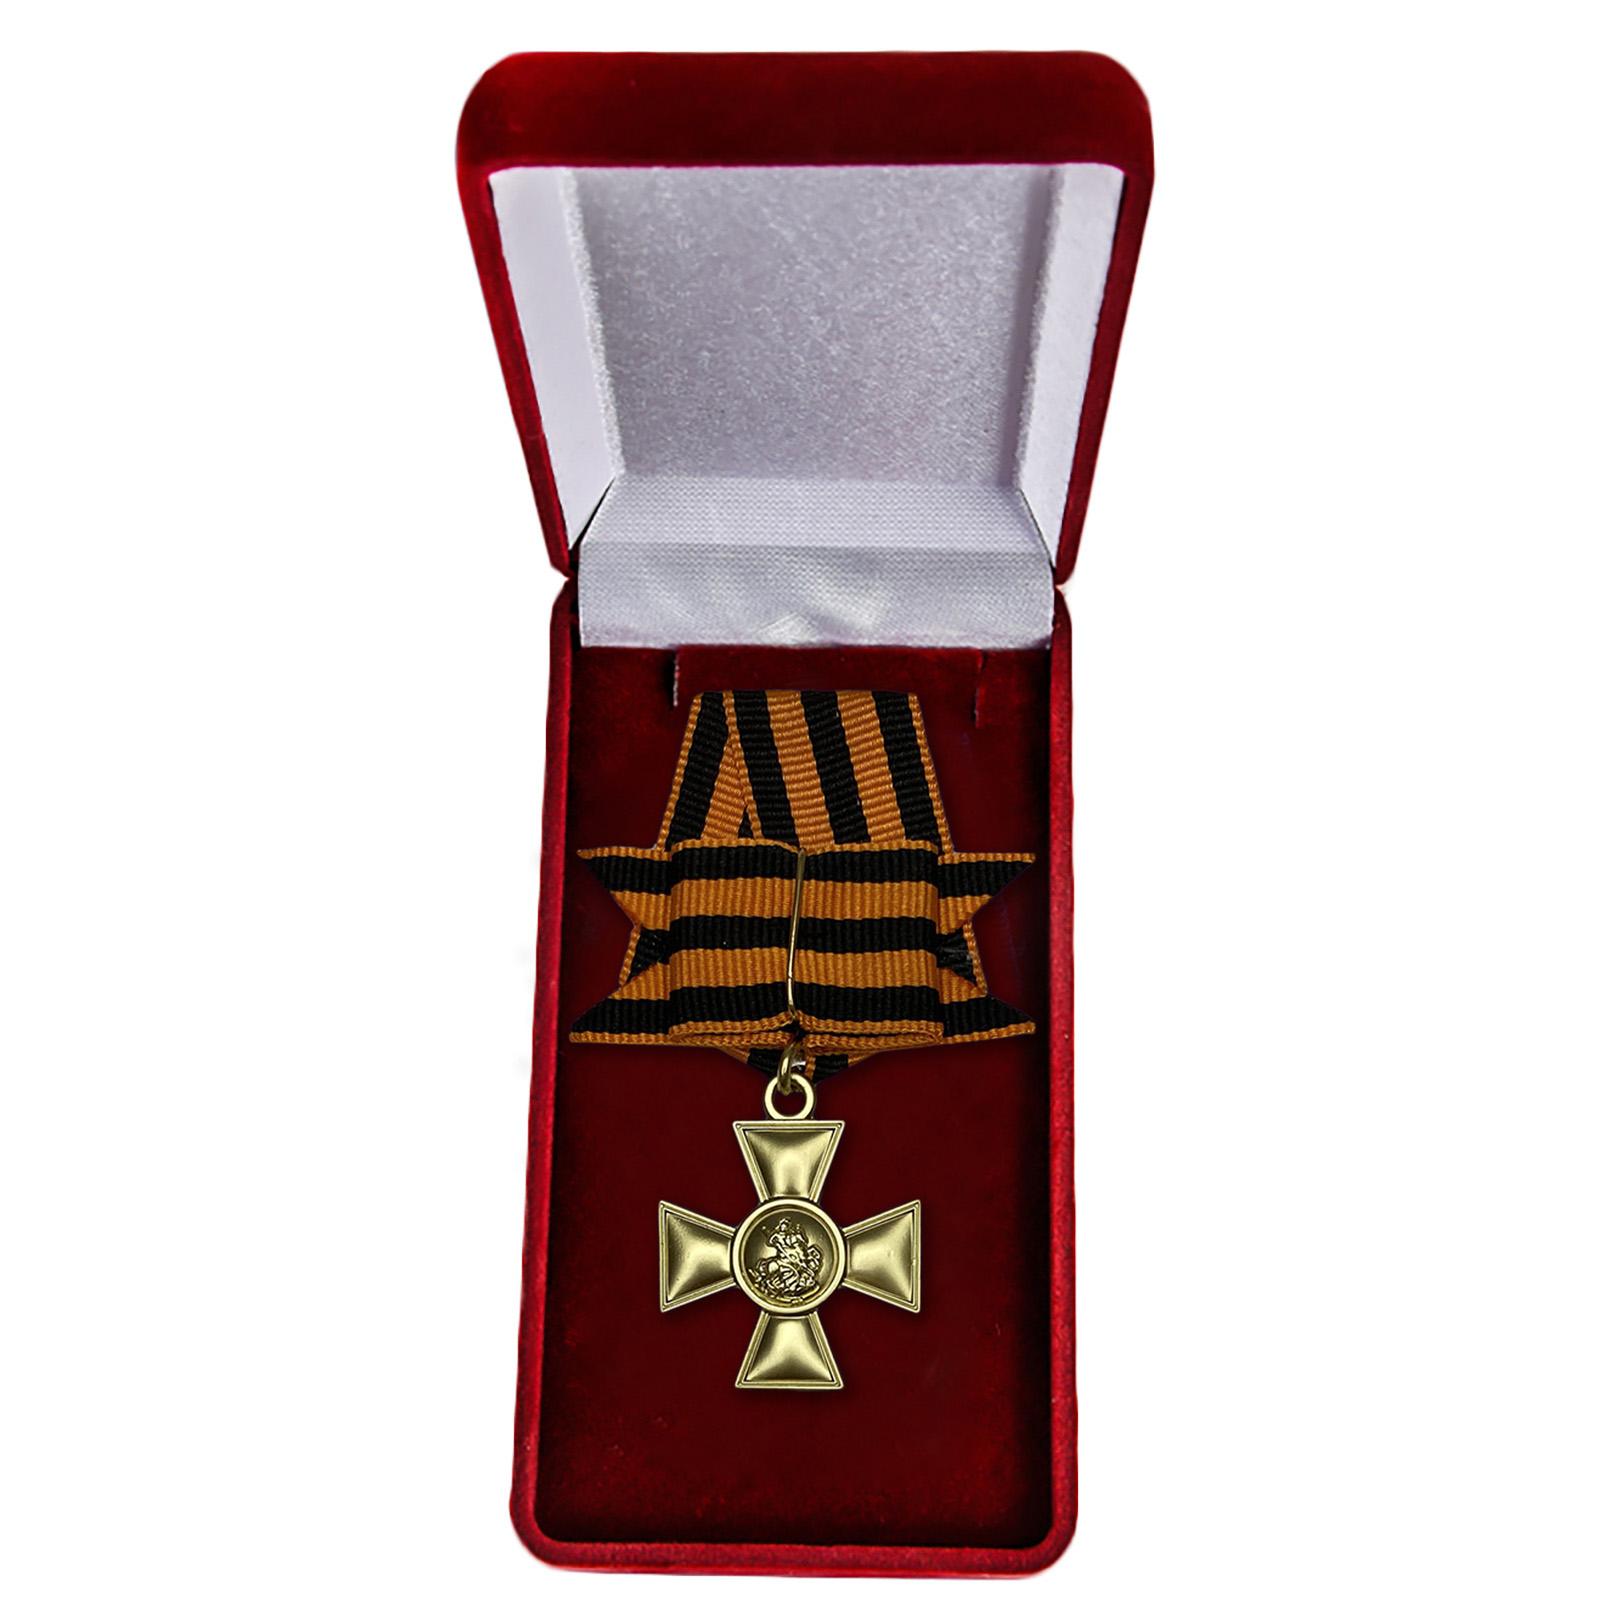 Георгиевский крест 1 степени с бантом в футляре